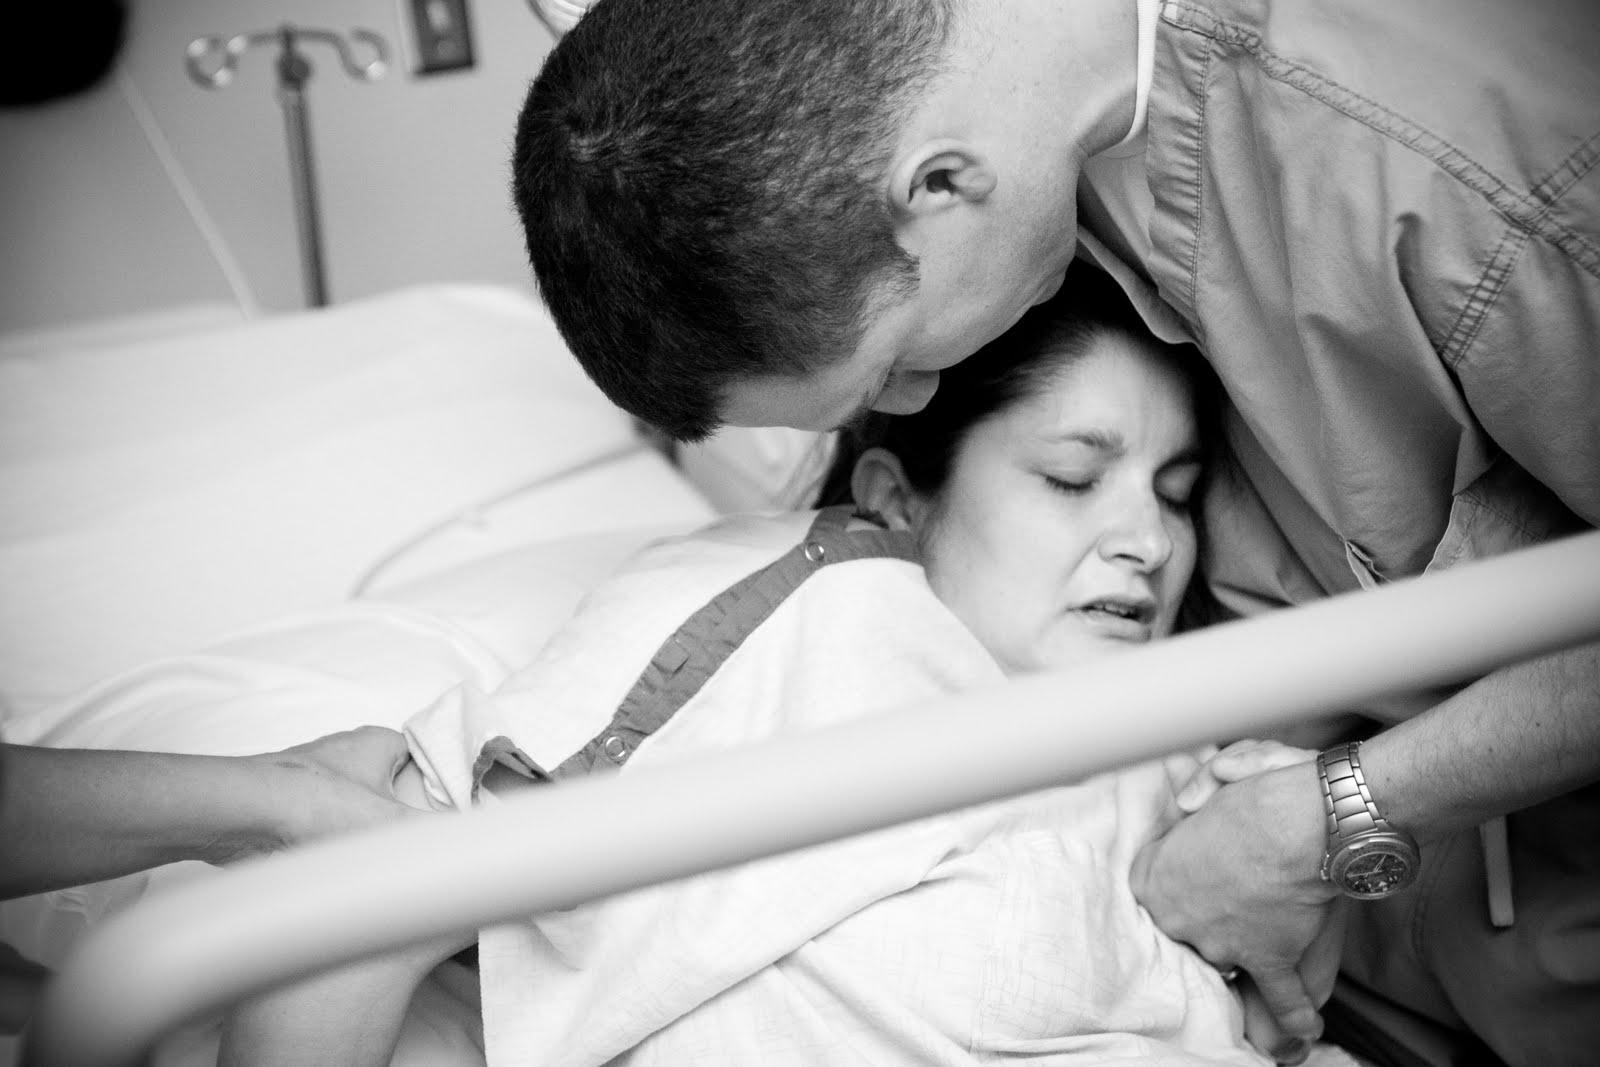 BBW Birth Stories Vaginal Birth After Cesarean Stories